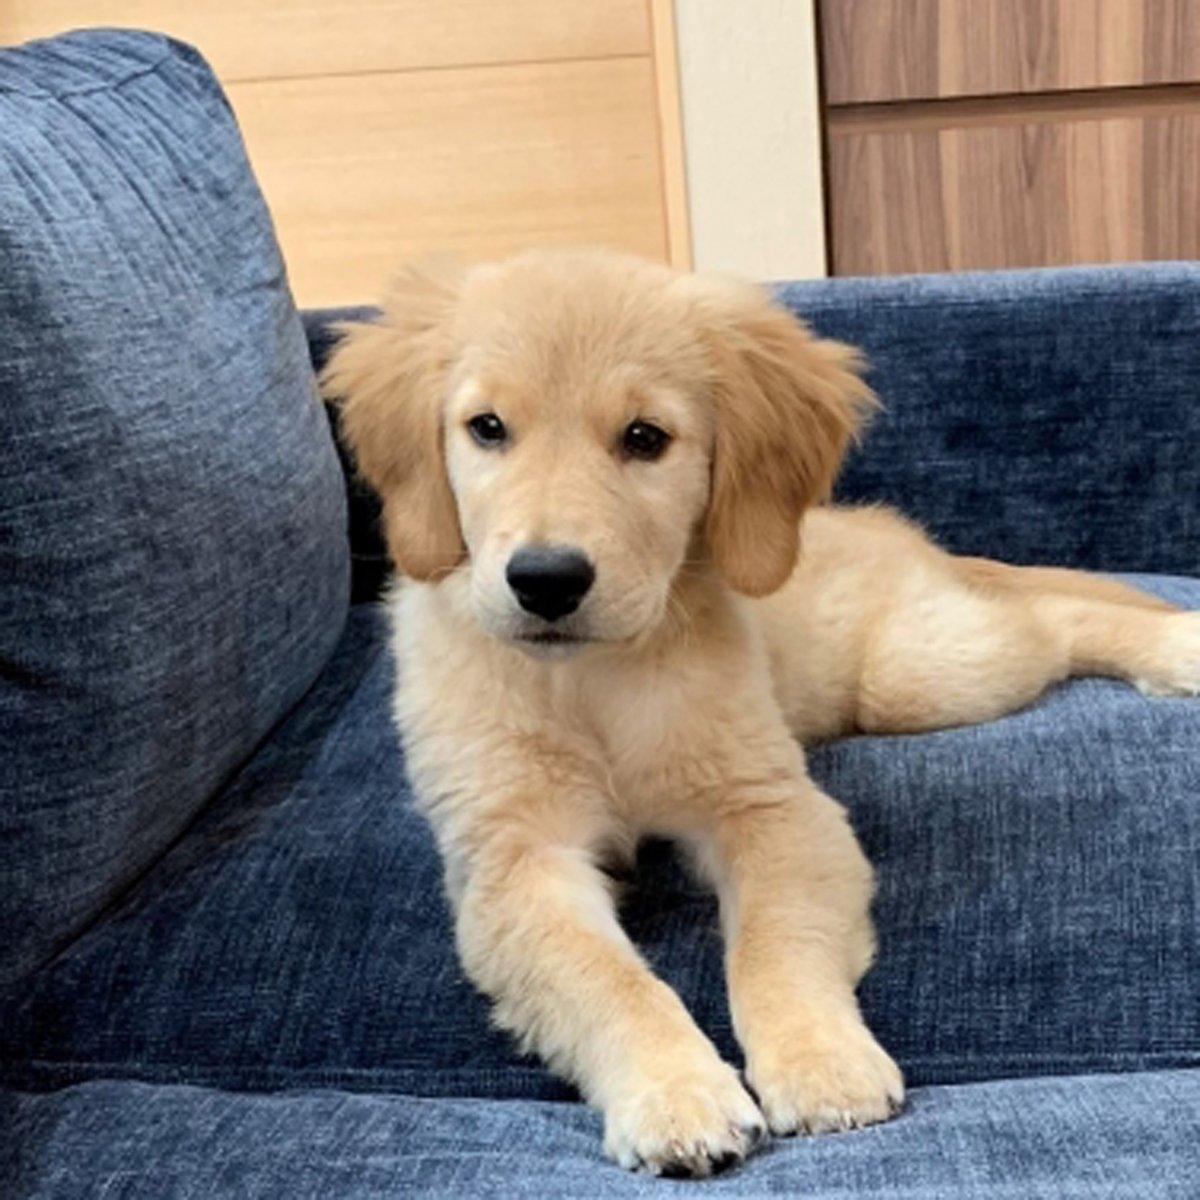 かわいいわんちゃん♪ #ハニーペット #HONEYPET #honeypet #犬 #ふわもこ部 #愛犬 #わんこ #いぬすたぐらむ #いぬ #ペット #犬のいる暮らし #ワンコ #イヌ #いぬのきもち #こいぬ #dog #dogsofinstagram #puppy #pet  #instagood #follow #followme https://t.co/cGU0PPOkfv